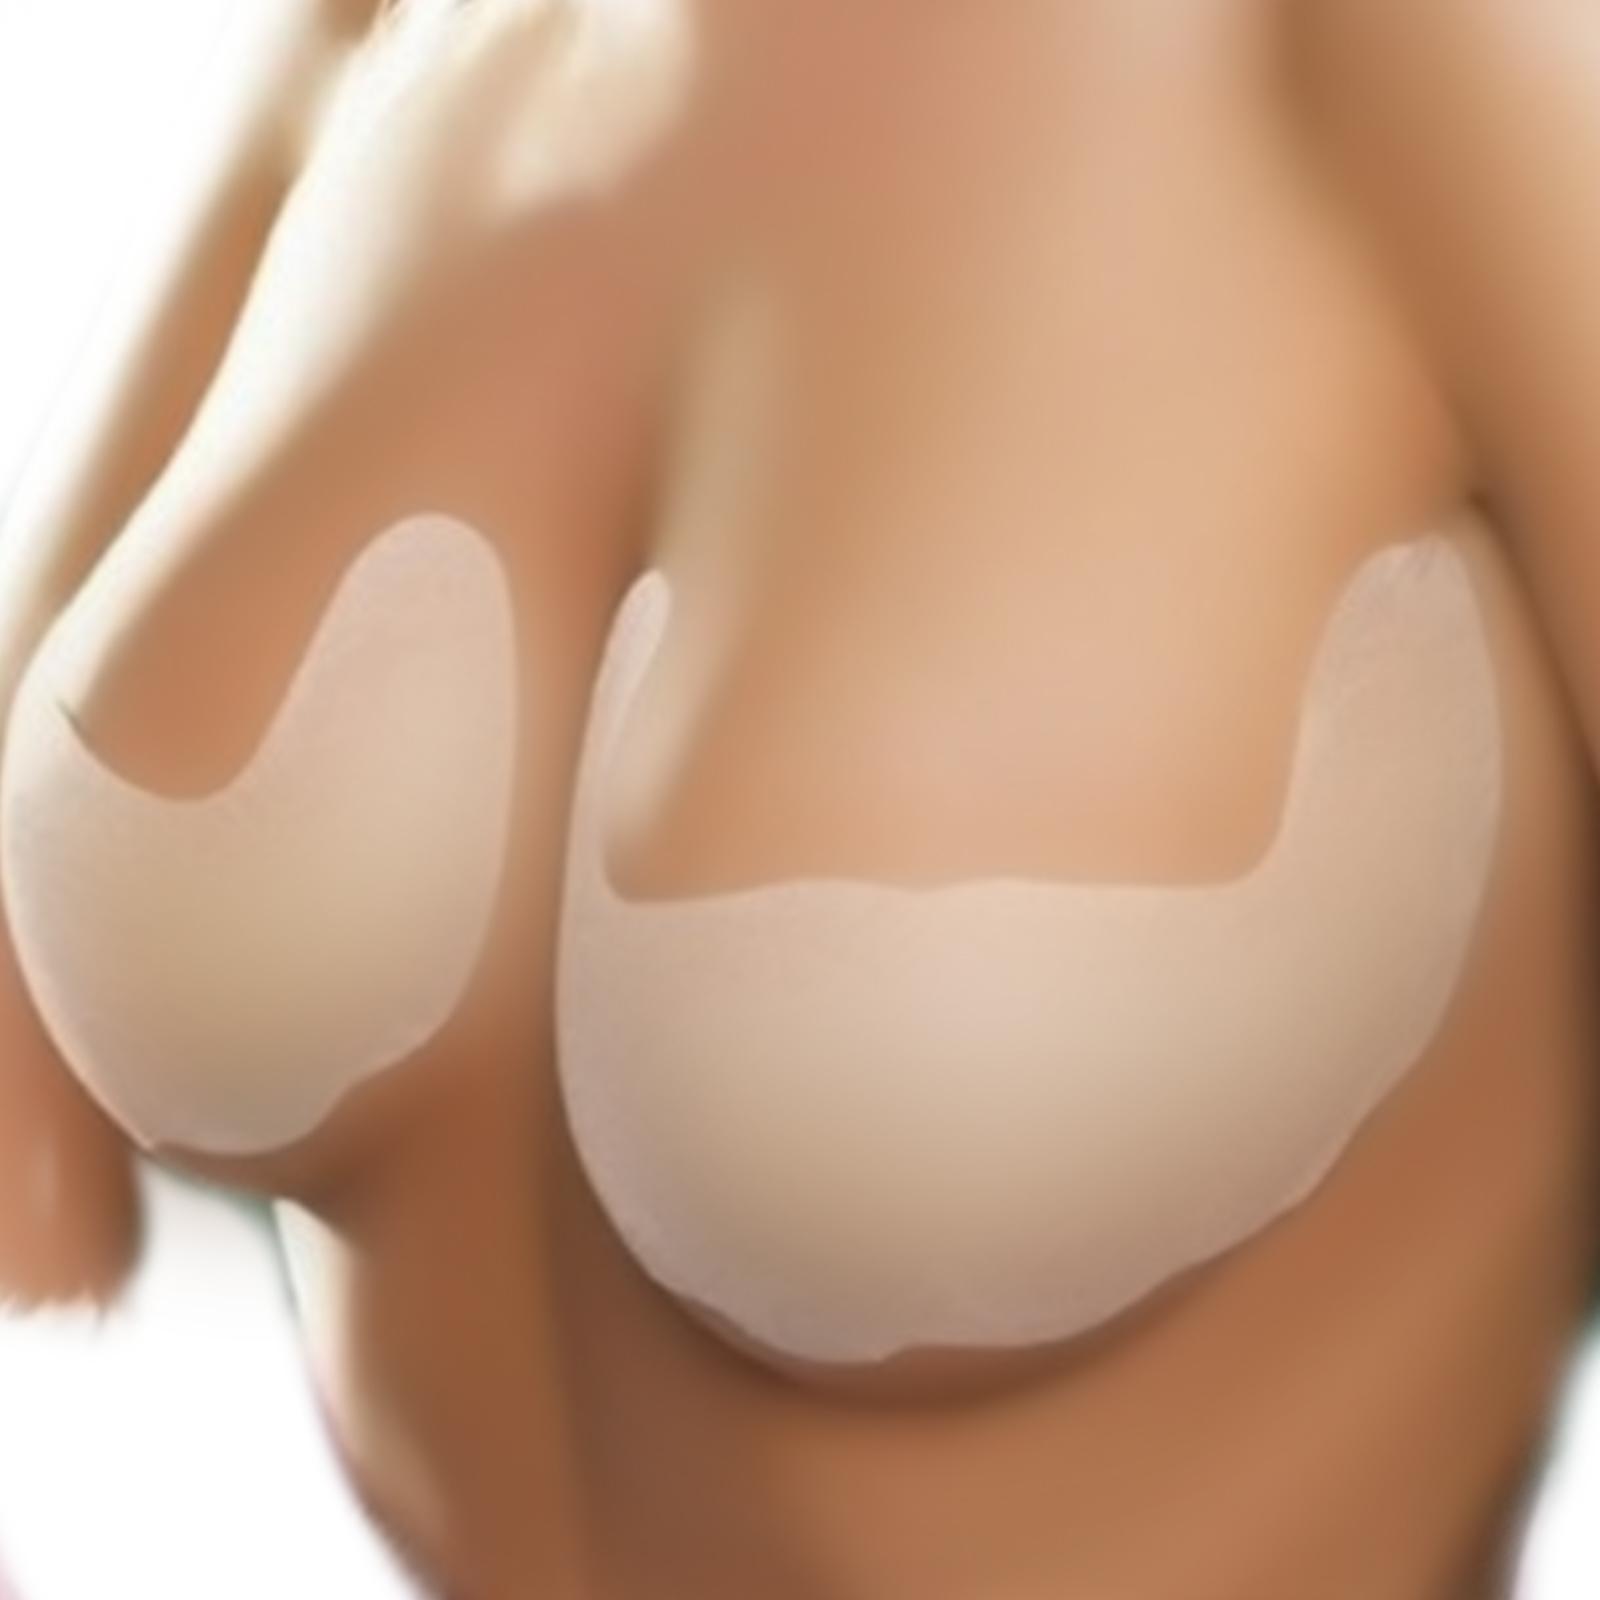 -Fácil de aplicar y remover -Material microporoso -Realza la figura del busto